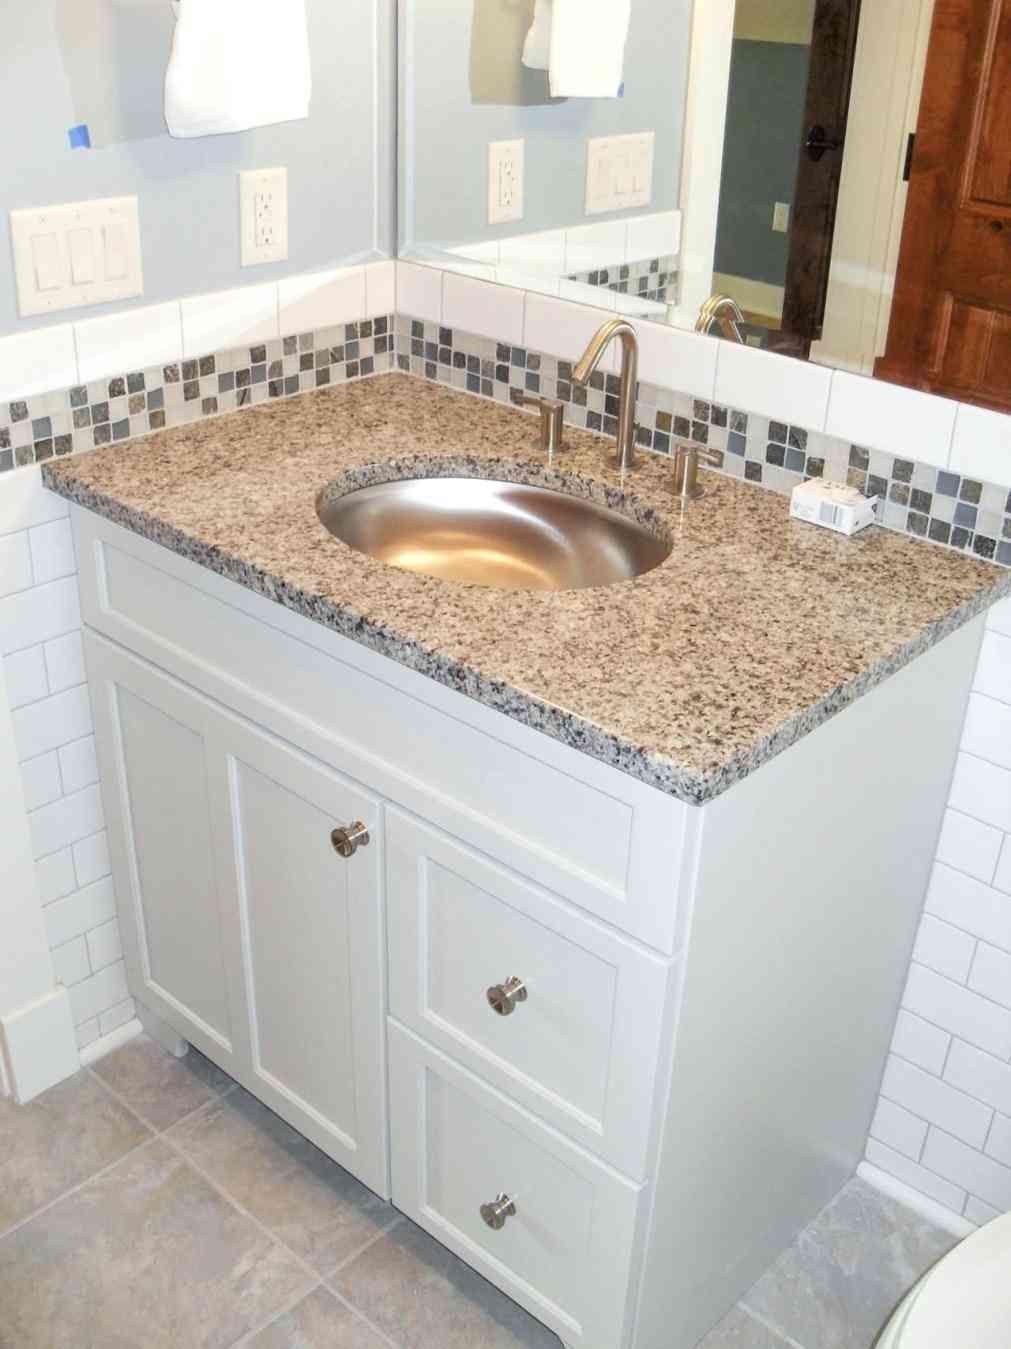 New Post bathroom tile border designs | LivingRooms | Pinterest ...